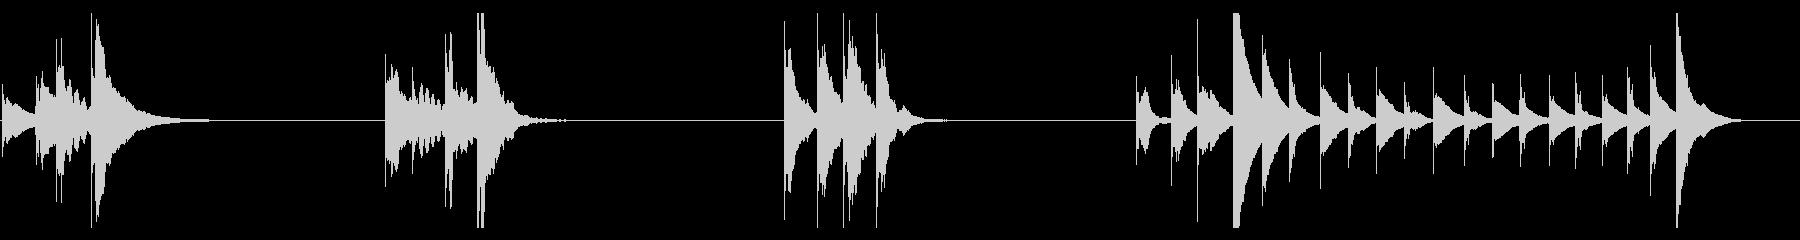 XYLOPHONE:SNEAKYの未再生の波形